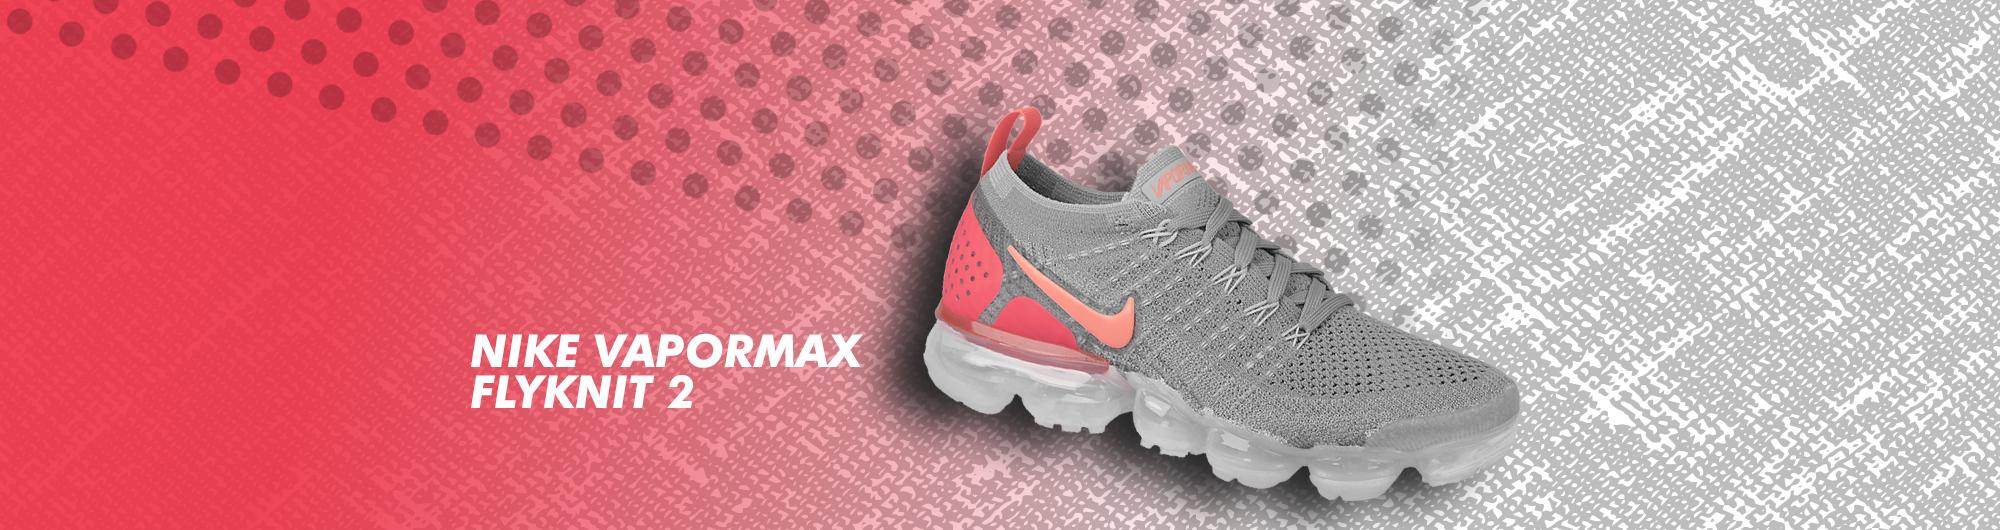 BTV2-Nike_Vapormax